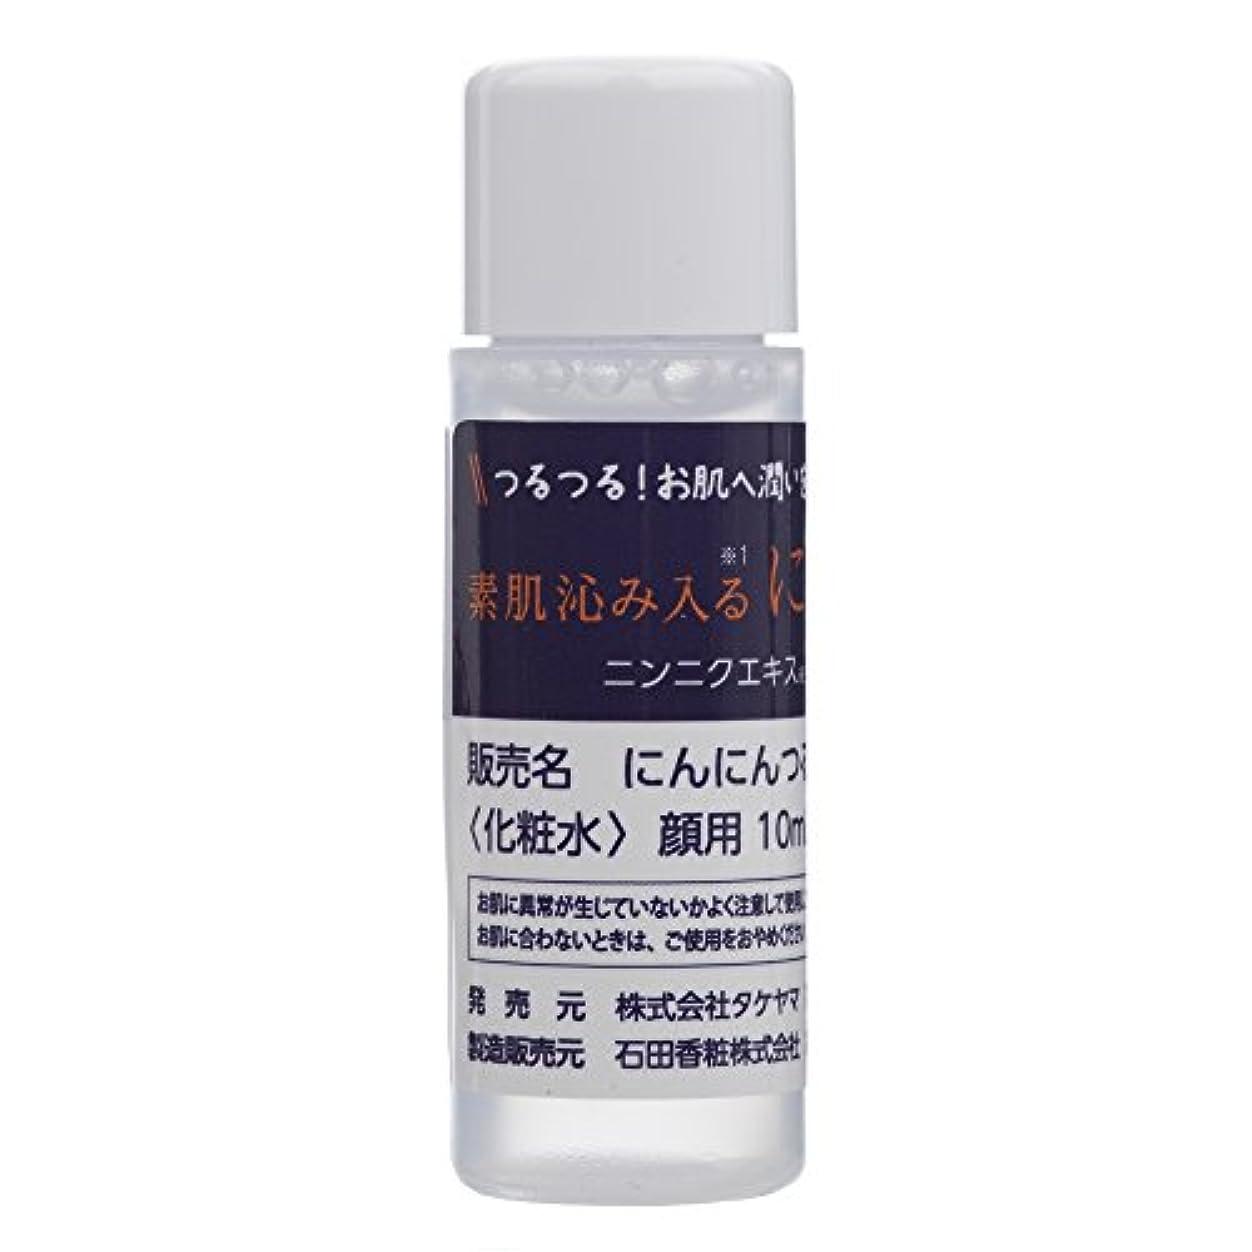 長々と歯科医気づくにんにんつるり お肌の健康と潤いを保つ化粧水です。 10ml